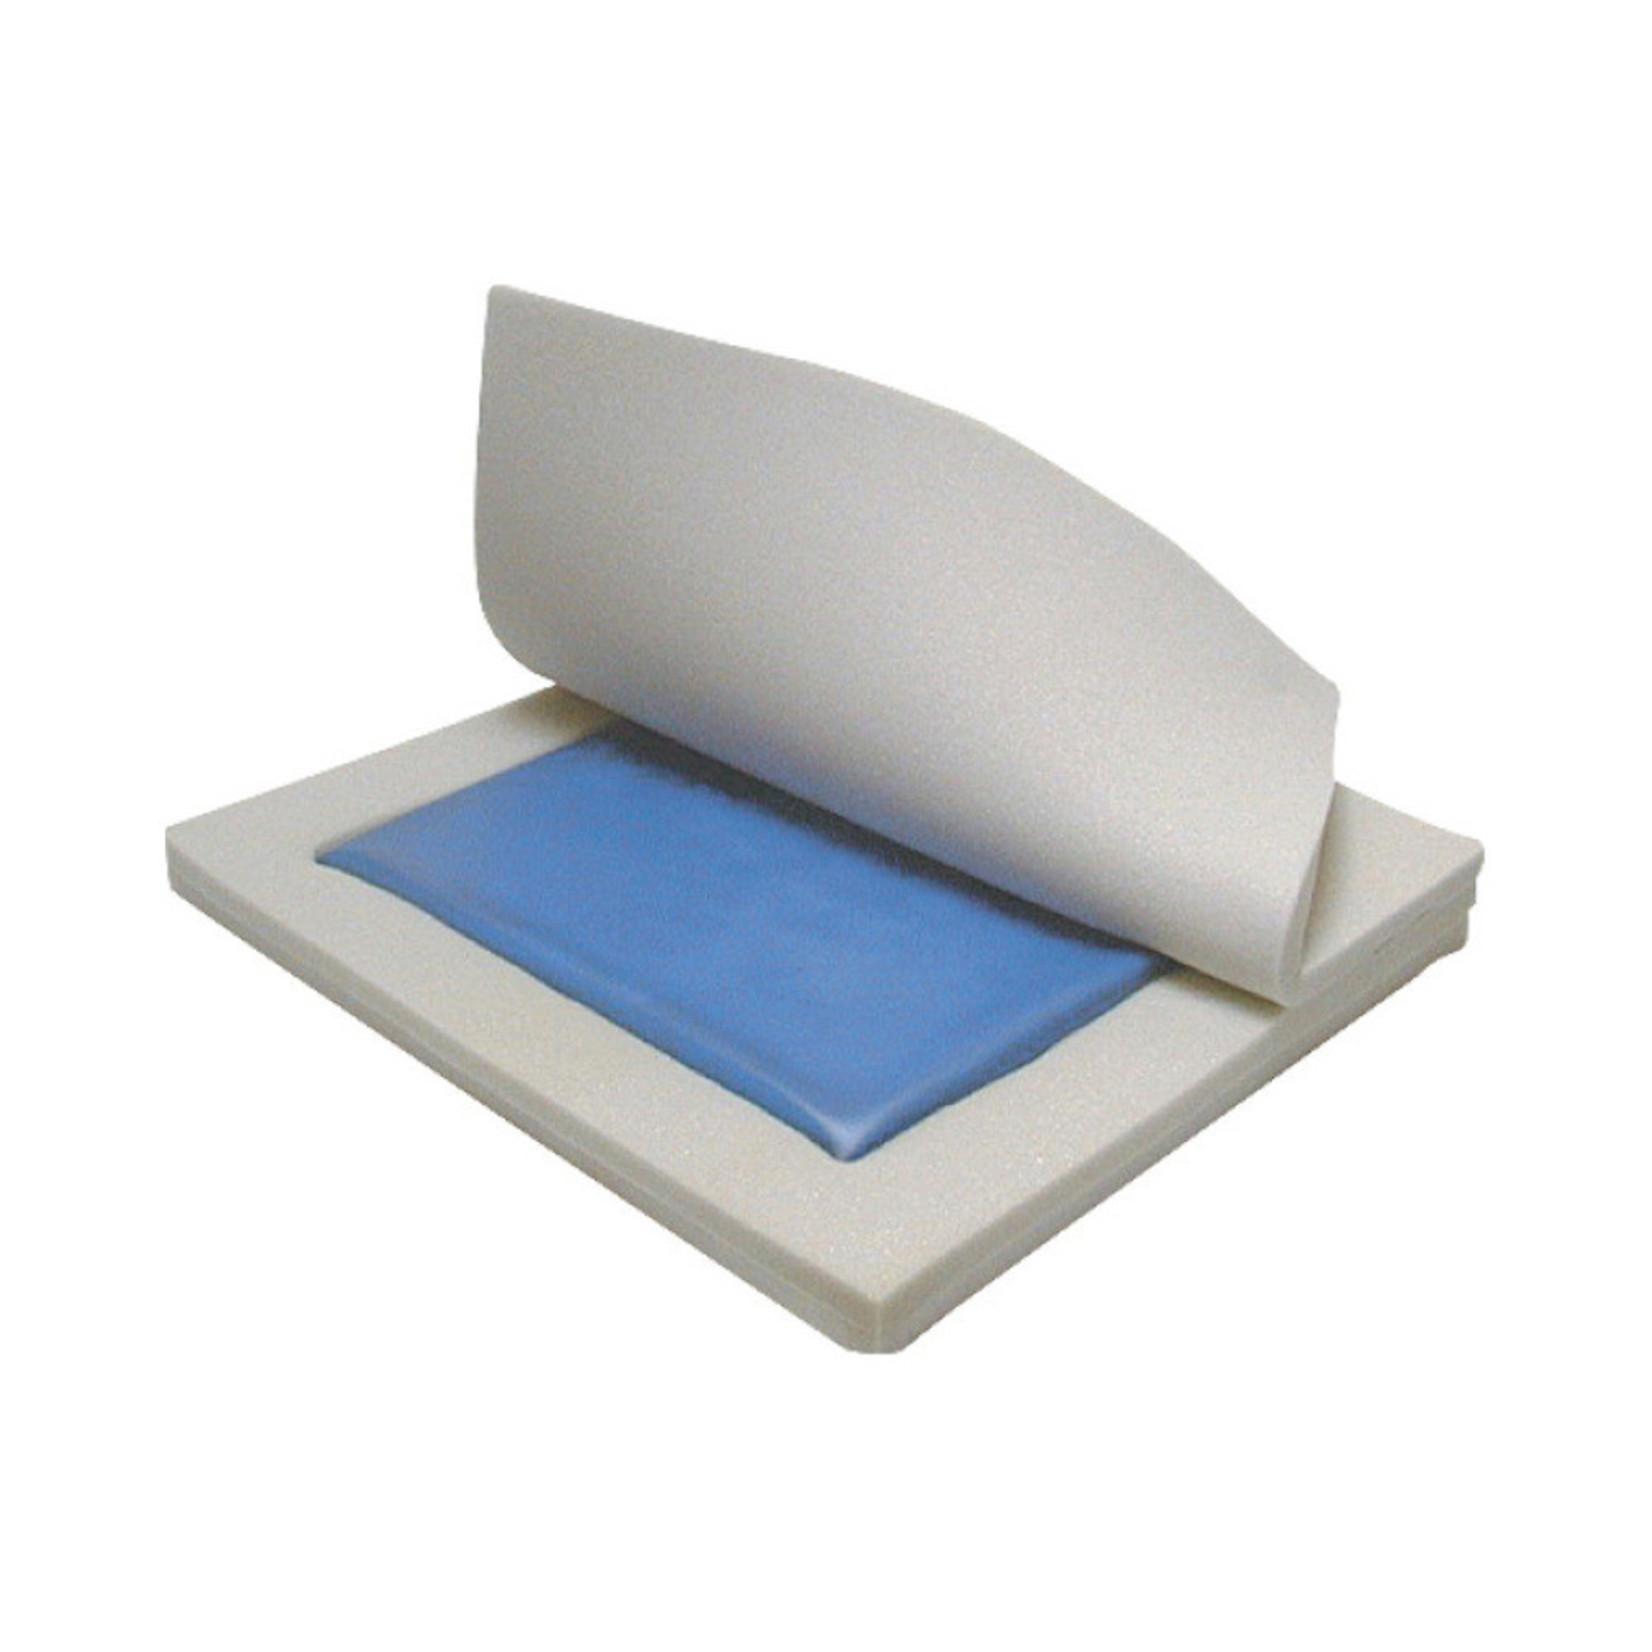 Drive Medical Wheelchair Cushion - Gel 18x16x2